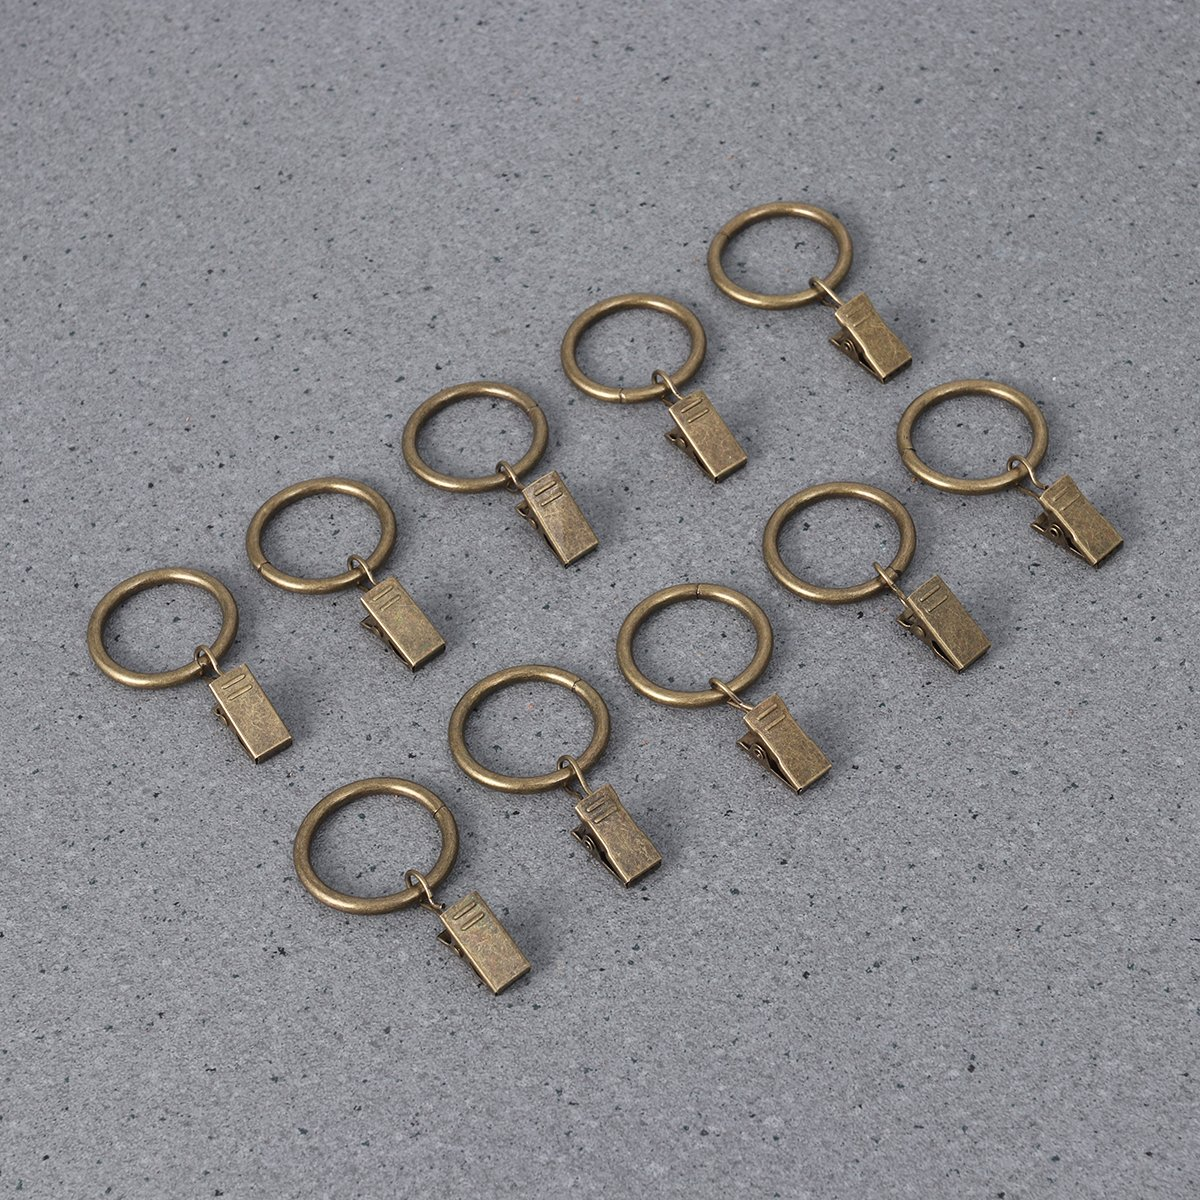 WINOMO 10 anillas de tejido anti/óxido con gancho bronce anillo de cortina vintage 3,5 x 25/mm